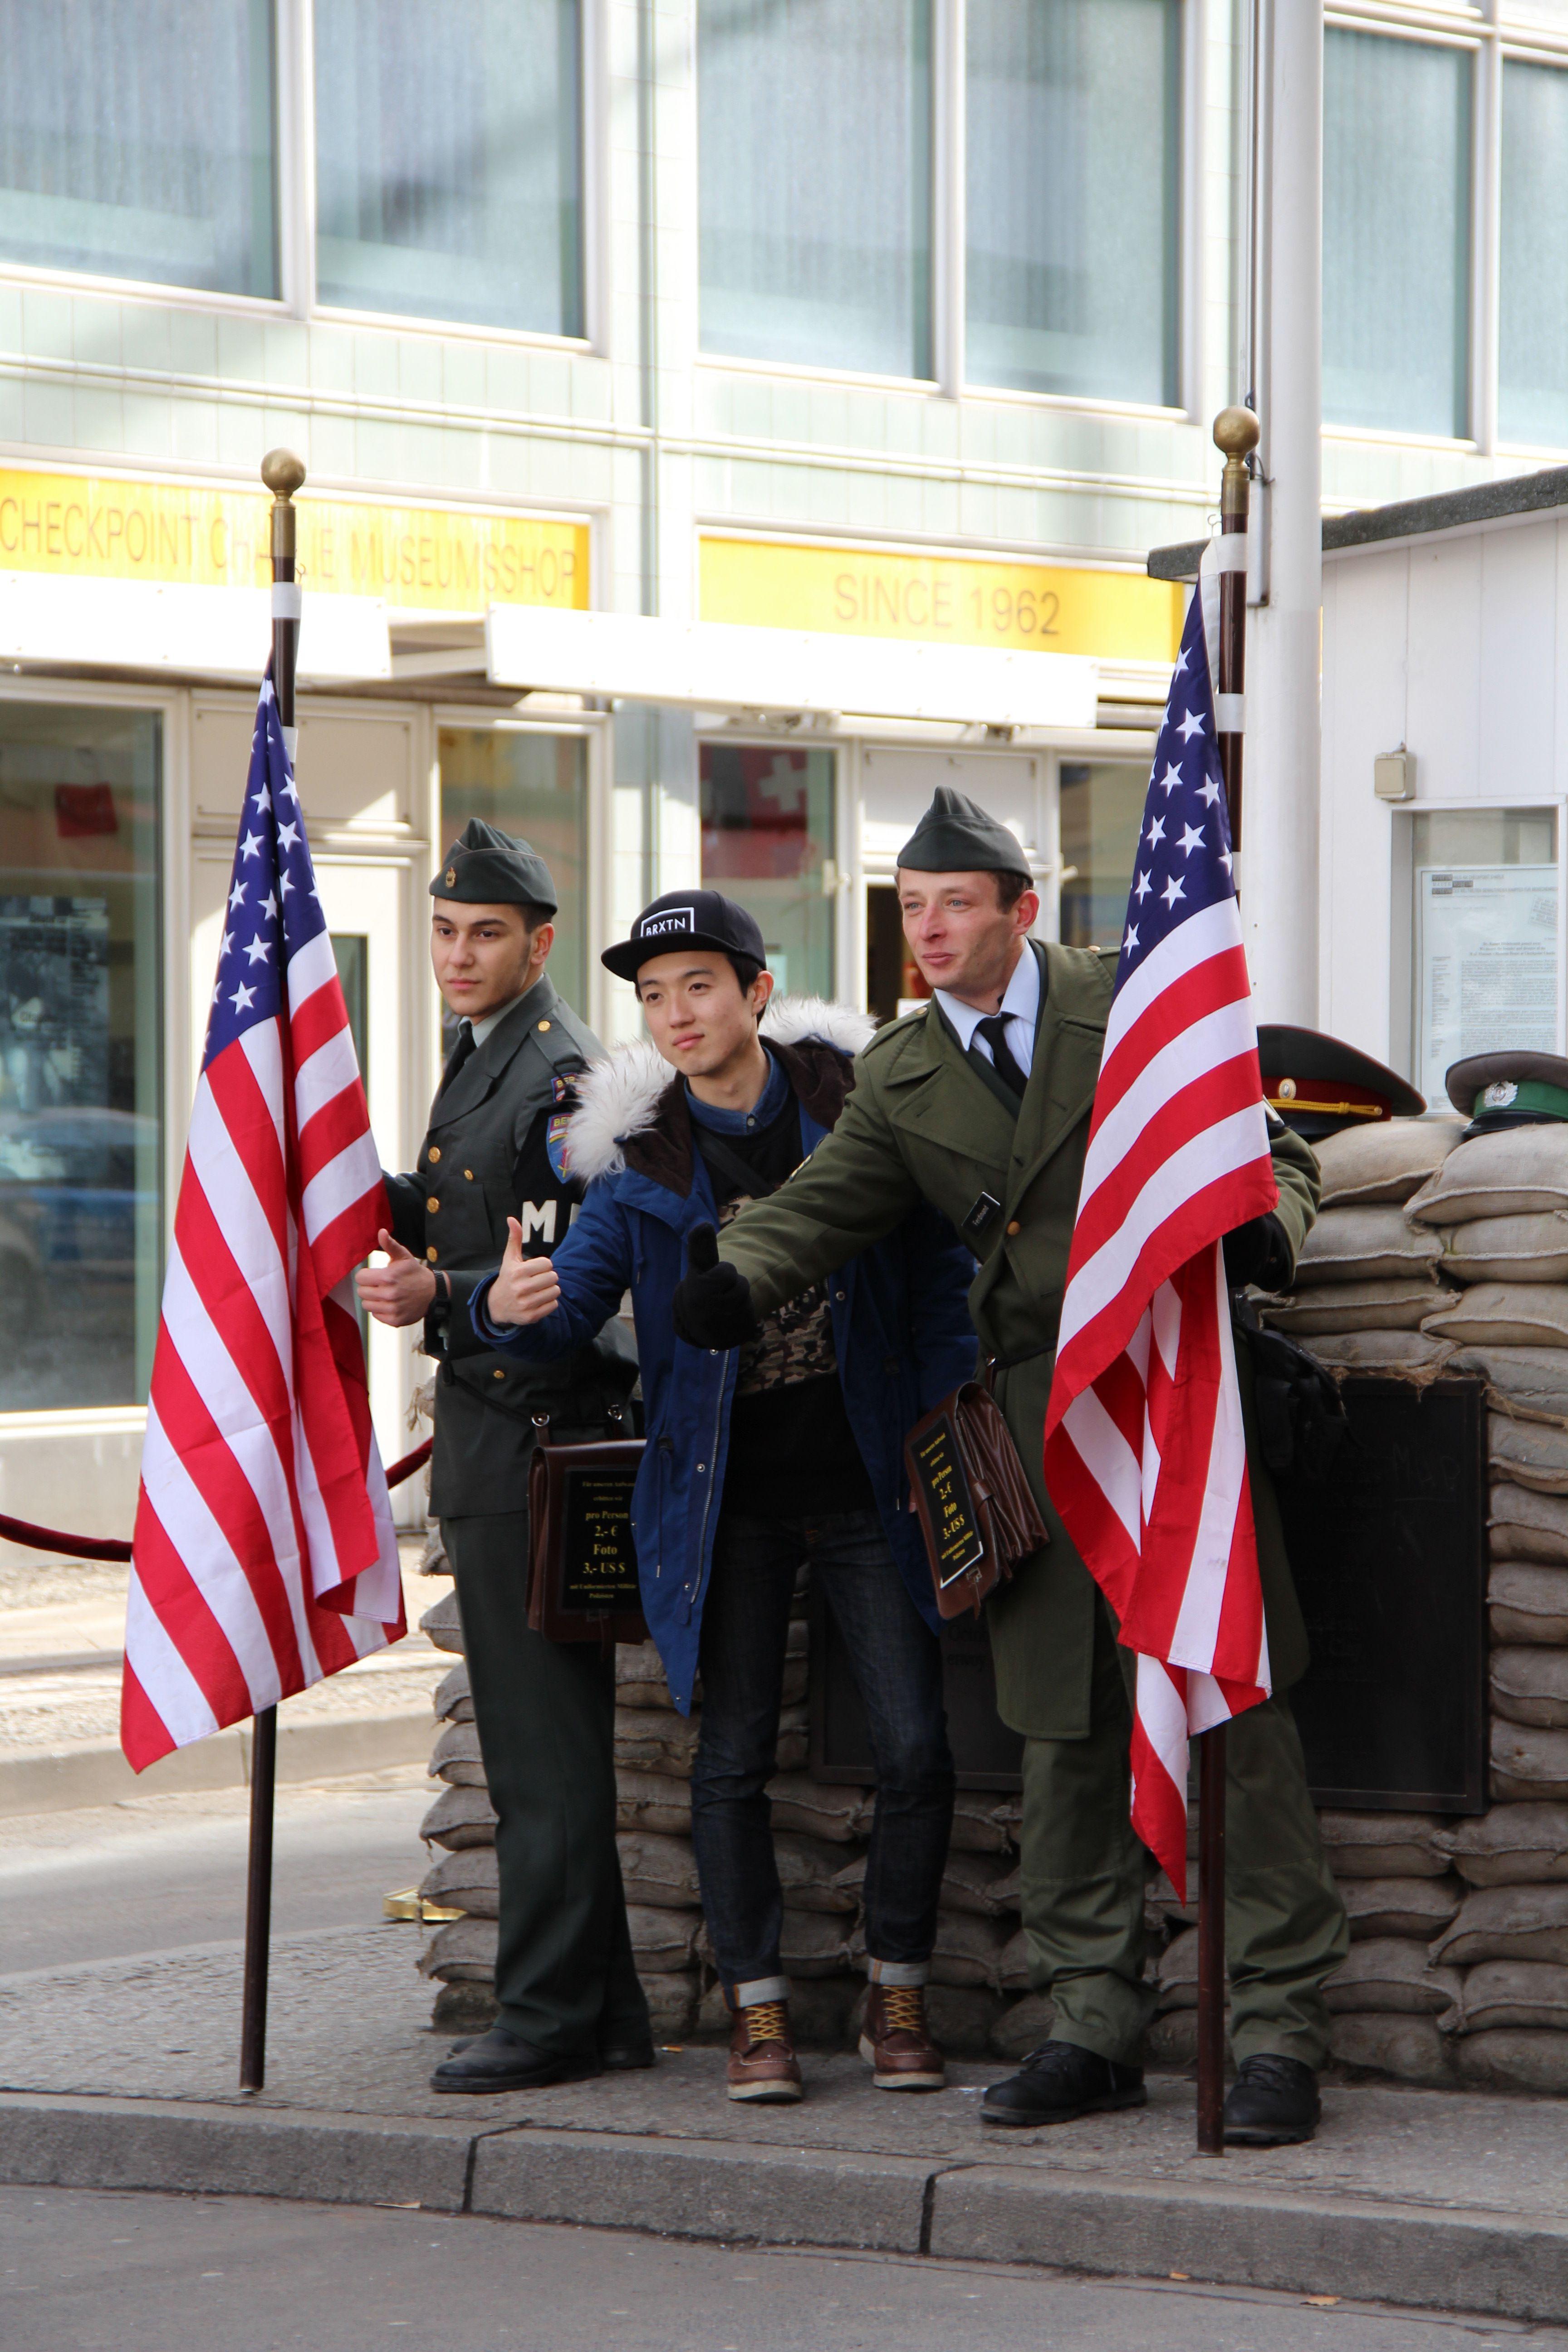 """Checkpoint-Charlie, Foto: Achim Saupe, Berlin, 8.2.2014, Lizenz: [https://creativecommons.org/licenses/by-nc/3.0/de/ CC BY-NC 3.0 DE]<br /> Zeithistorisches Reenactment und Touristenattraktion am Checkpoint-Charlie. Eingerahmt zwischen Schauspieler, zielt hier die Authentizitätssuggestion auf Erleben und Event am """"historischen Ort"""". Auch wenn es sich freilich um eine Rekonstruktion handelt."""